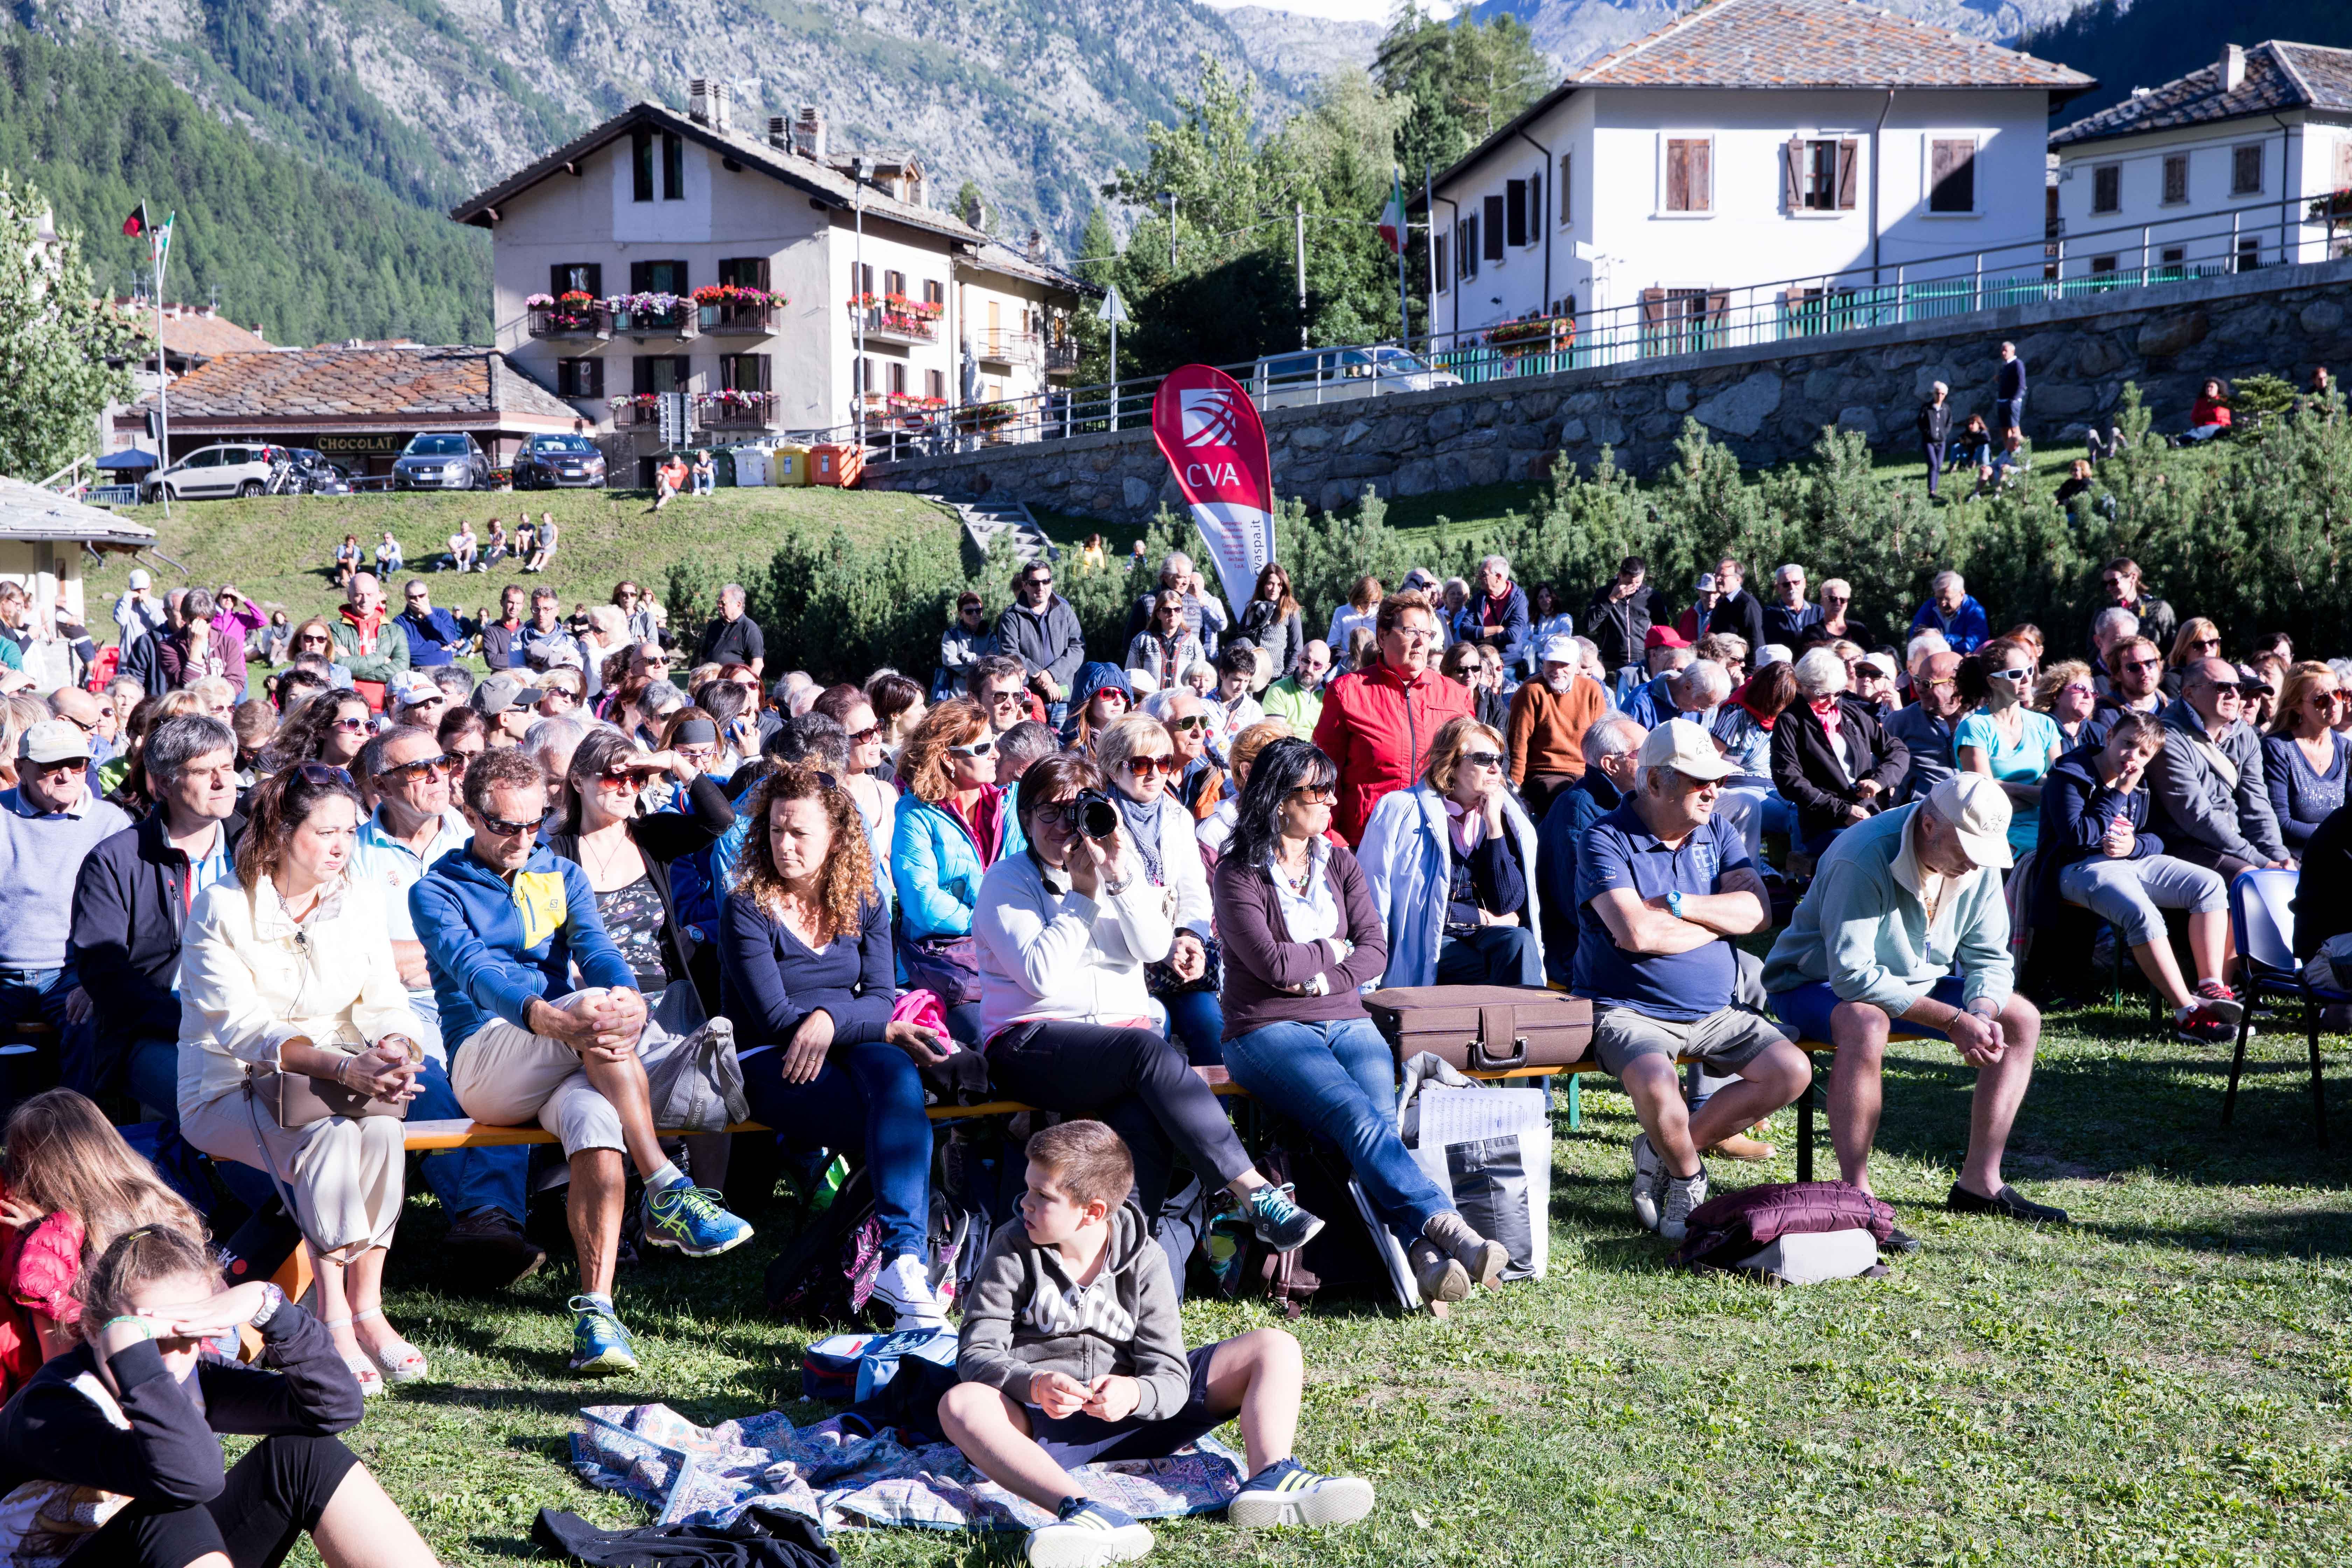 Concerto Carmina Burana - La Thuile 2017